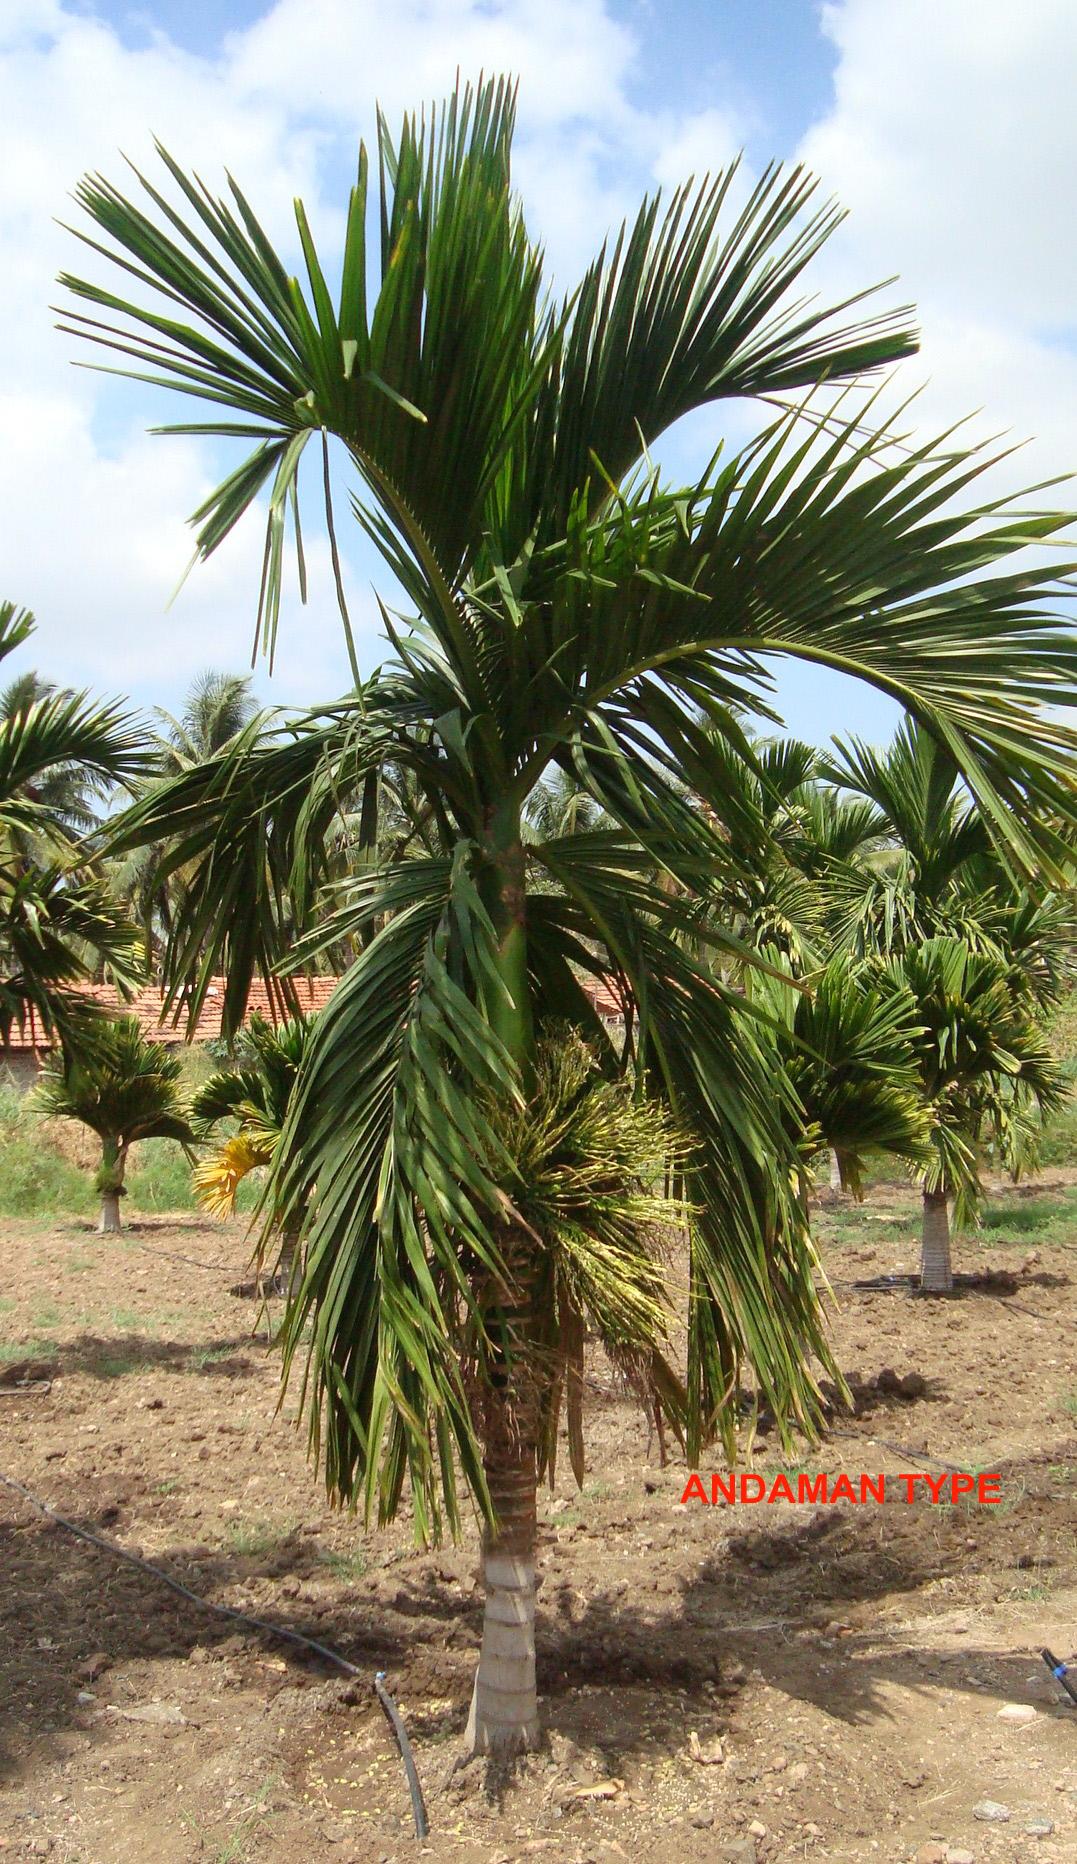 Horticulture :: Plantation Crops :: Arecanut